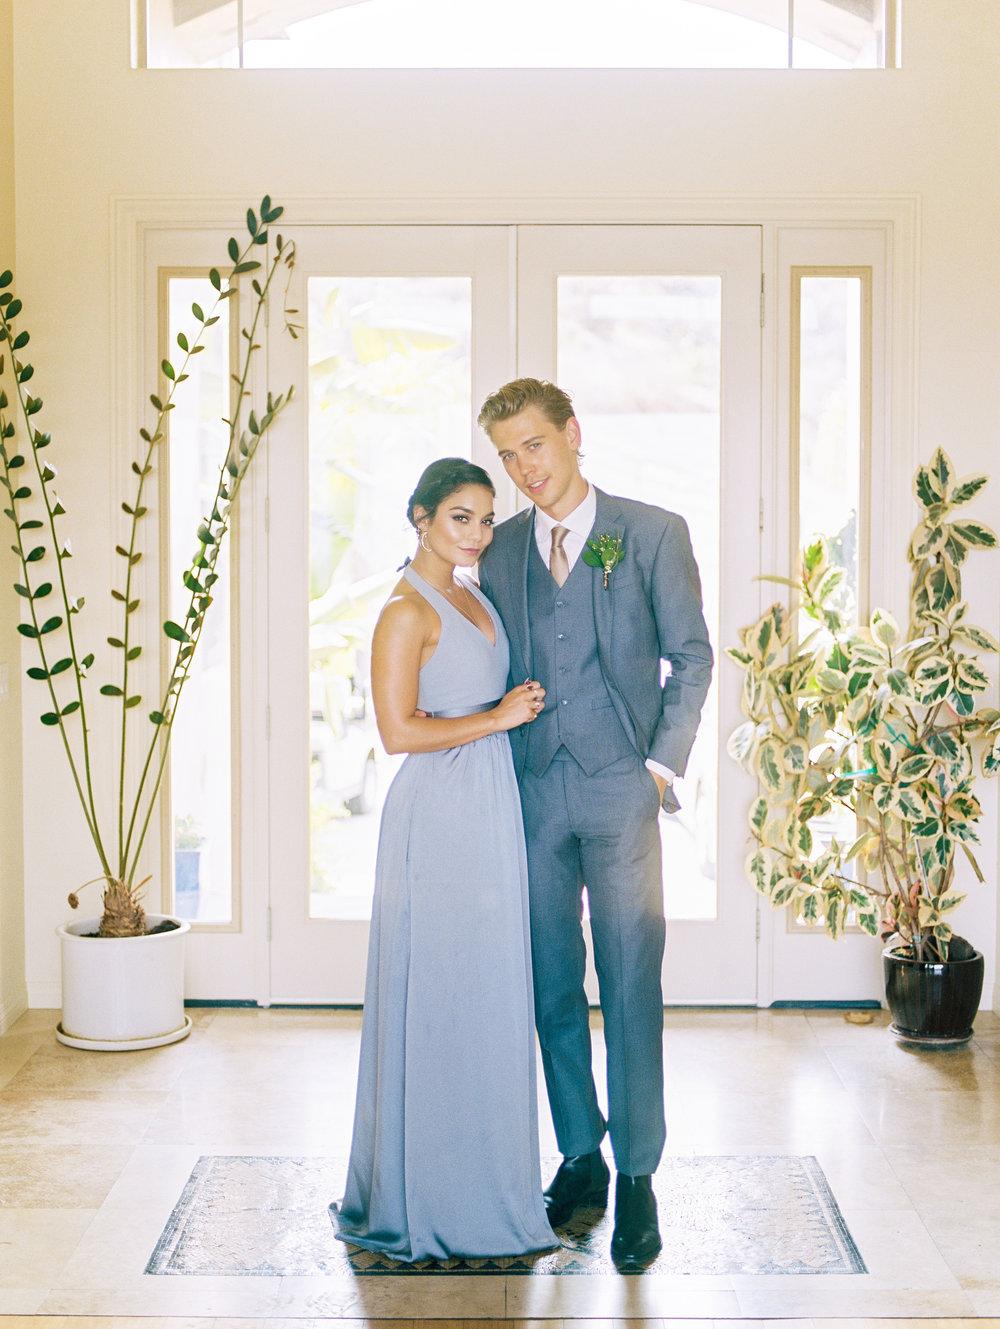 dennisroycoronel_ashleyanthony_vanessahudgens_austinbutler_wedding_losangeles_photographer-60.jpg